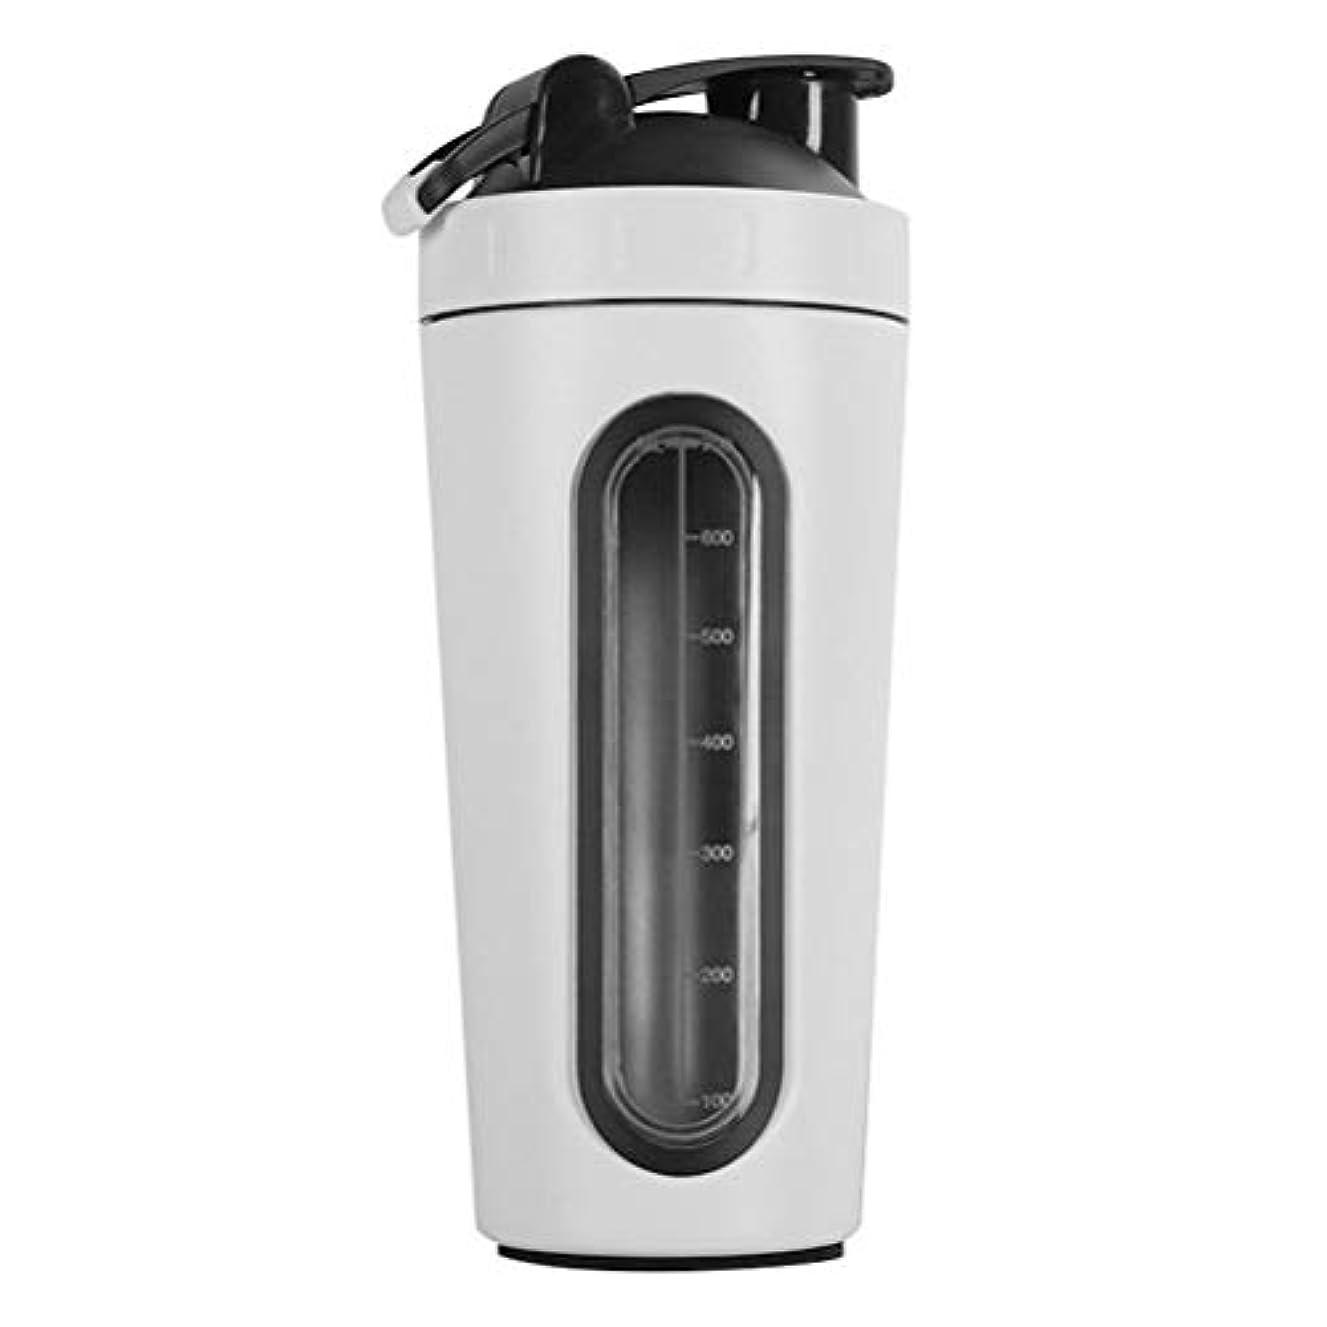 中国凍るご飯Erose-BD 2019新型 304ステンレスプロテインシェイカーボトル プロテインシェイカー シェイカー ボトル 水筒 ウォーターボトル (800ml) 1個 白